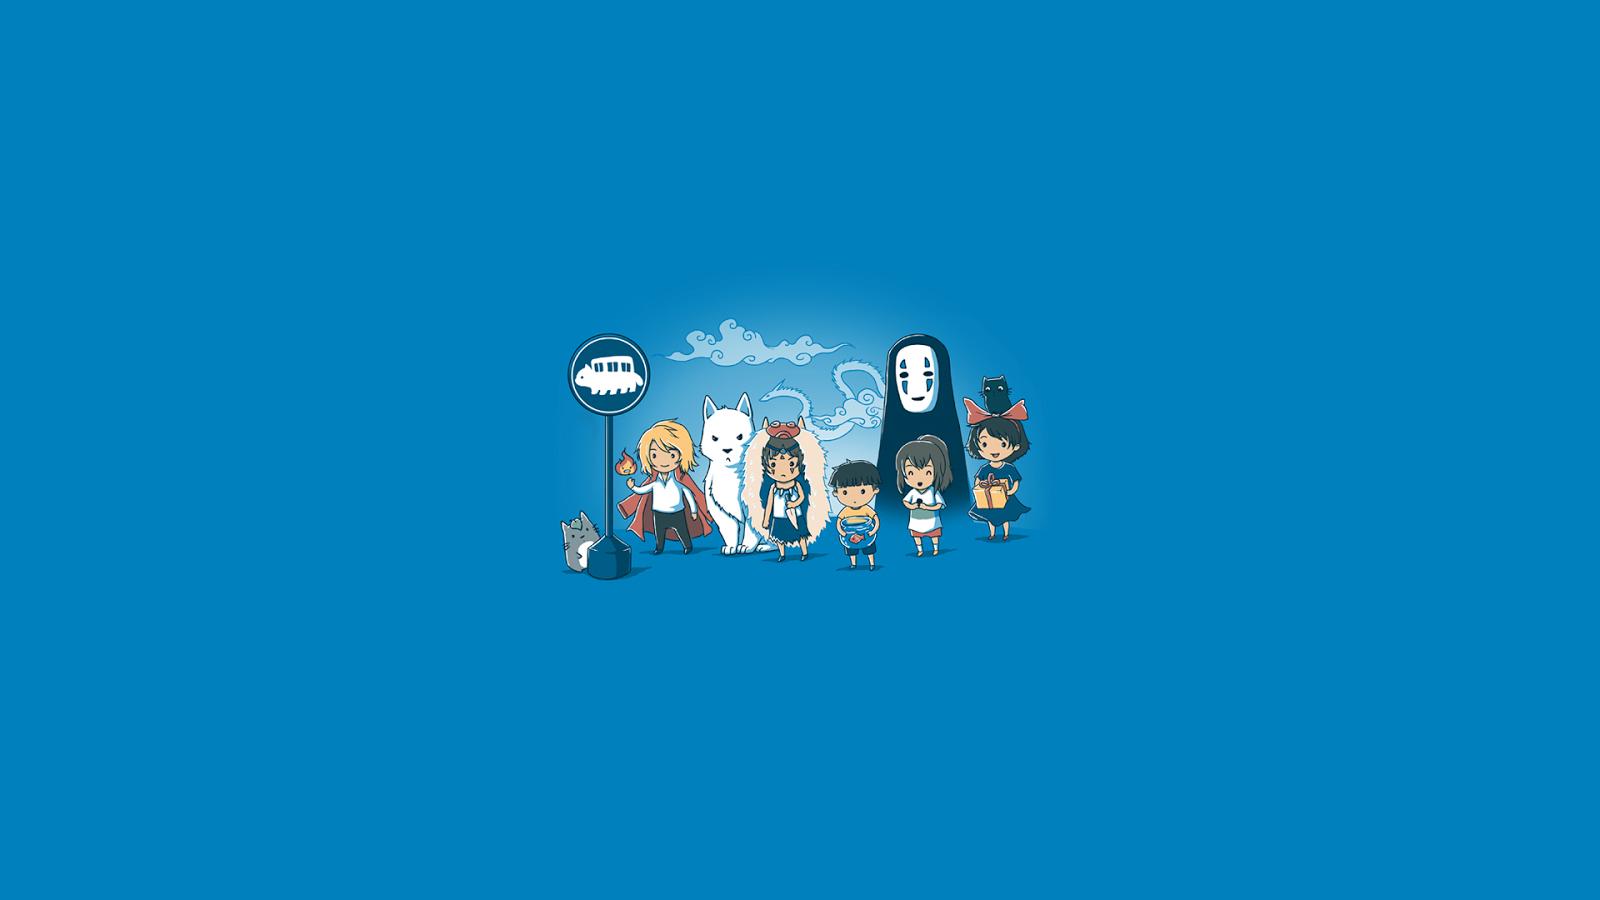 Studio Ghibli Wallpaper Wallpaper Full HD 1600x900